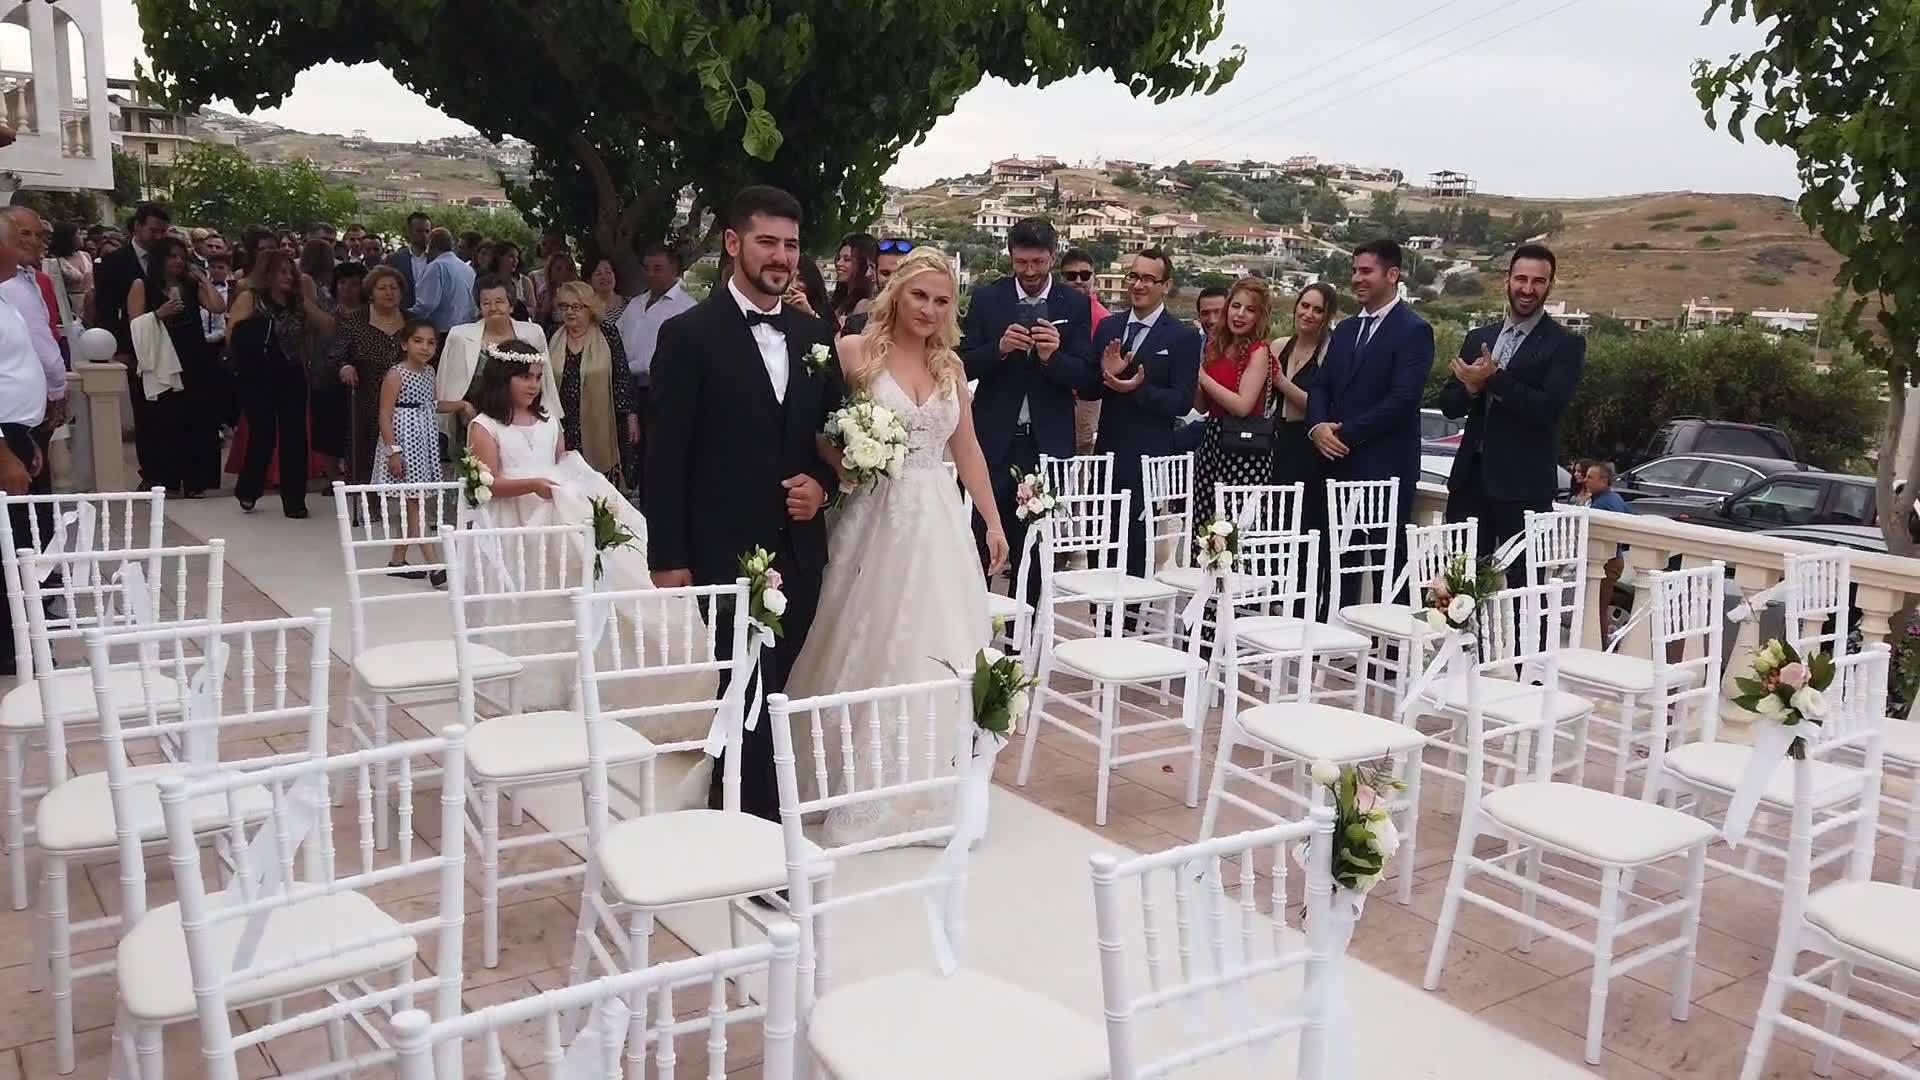 Ένας υπέροχος γάμος της Στέλλας και του Ανέστη, πού αλλού, στο κτήμα απέραντο γαλάζιο!